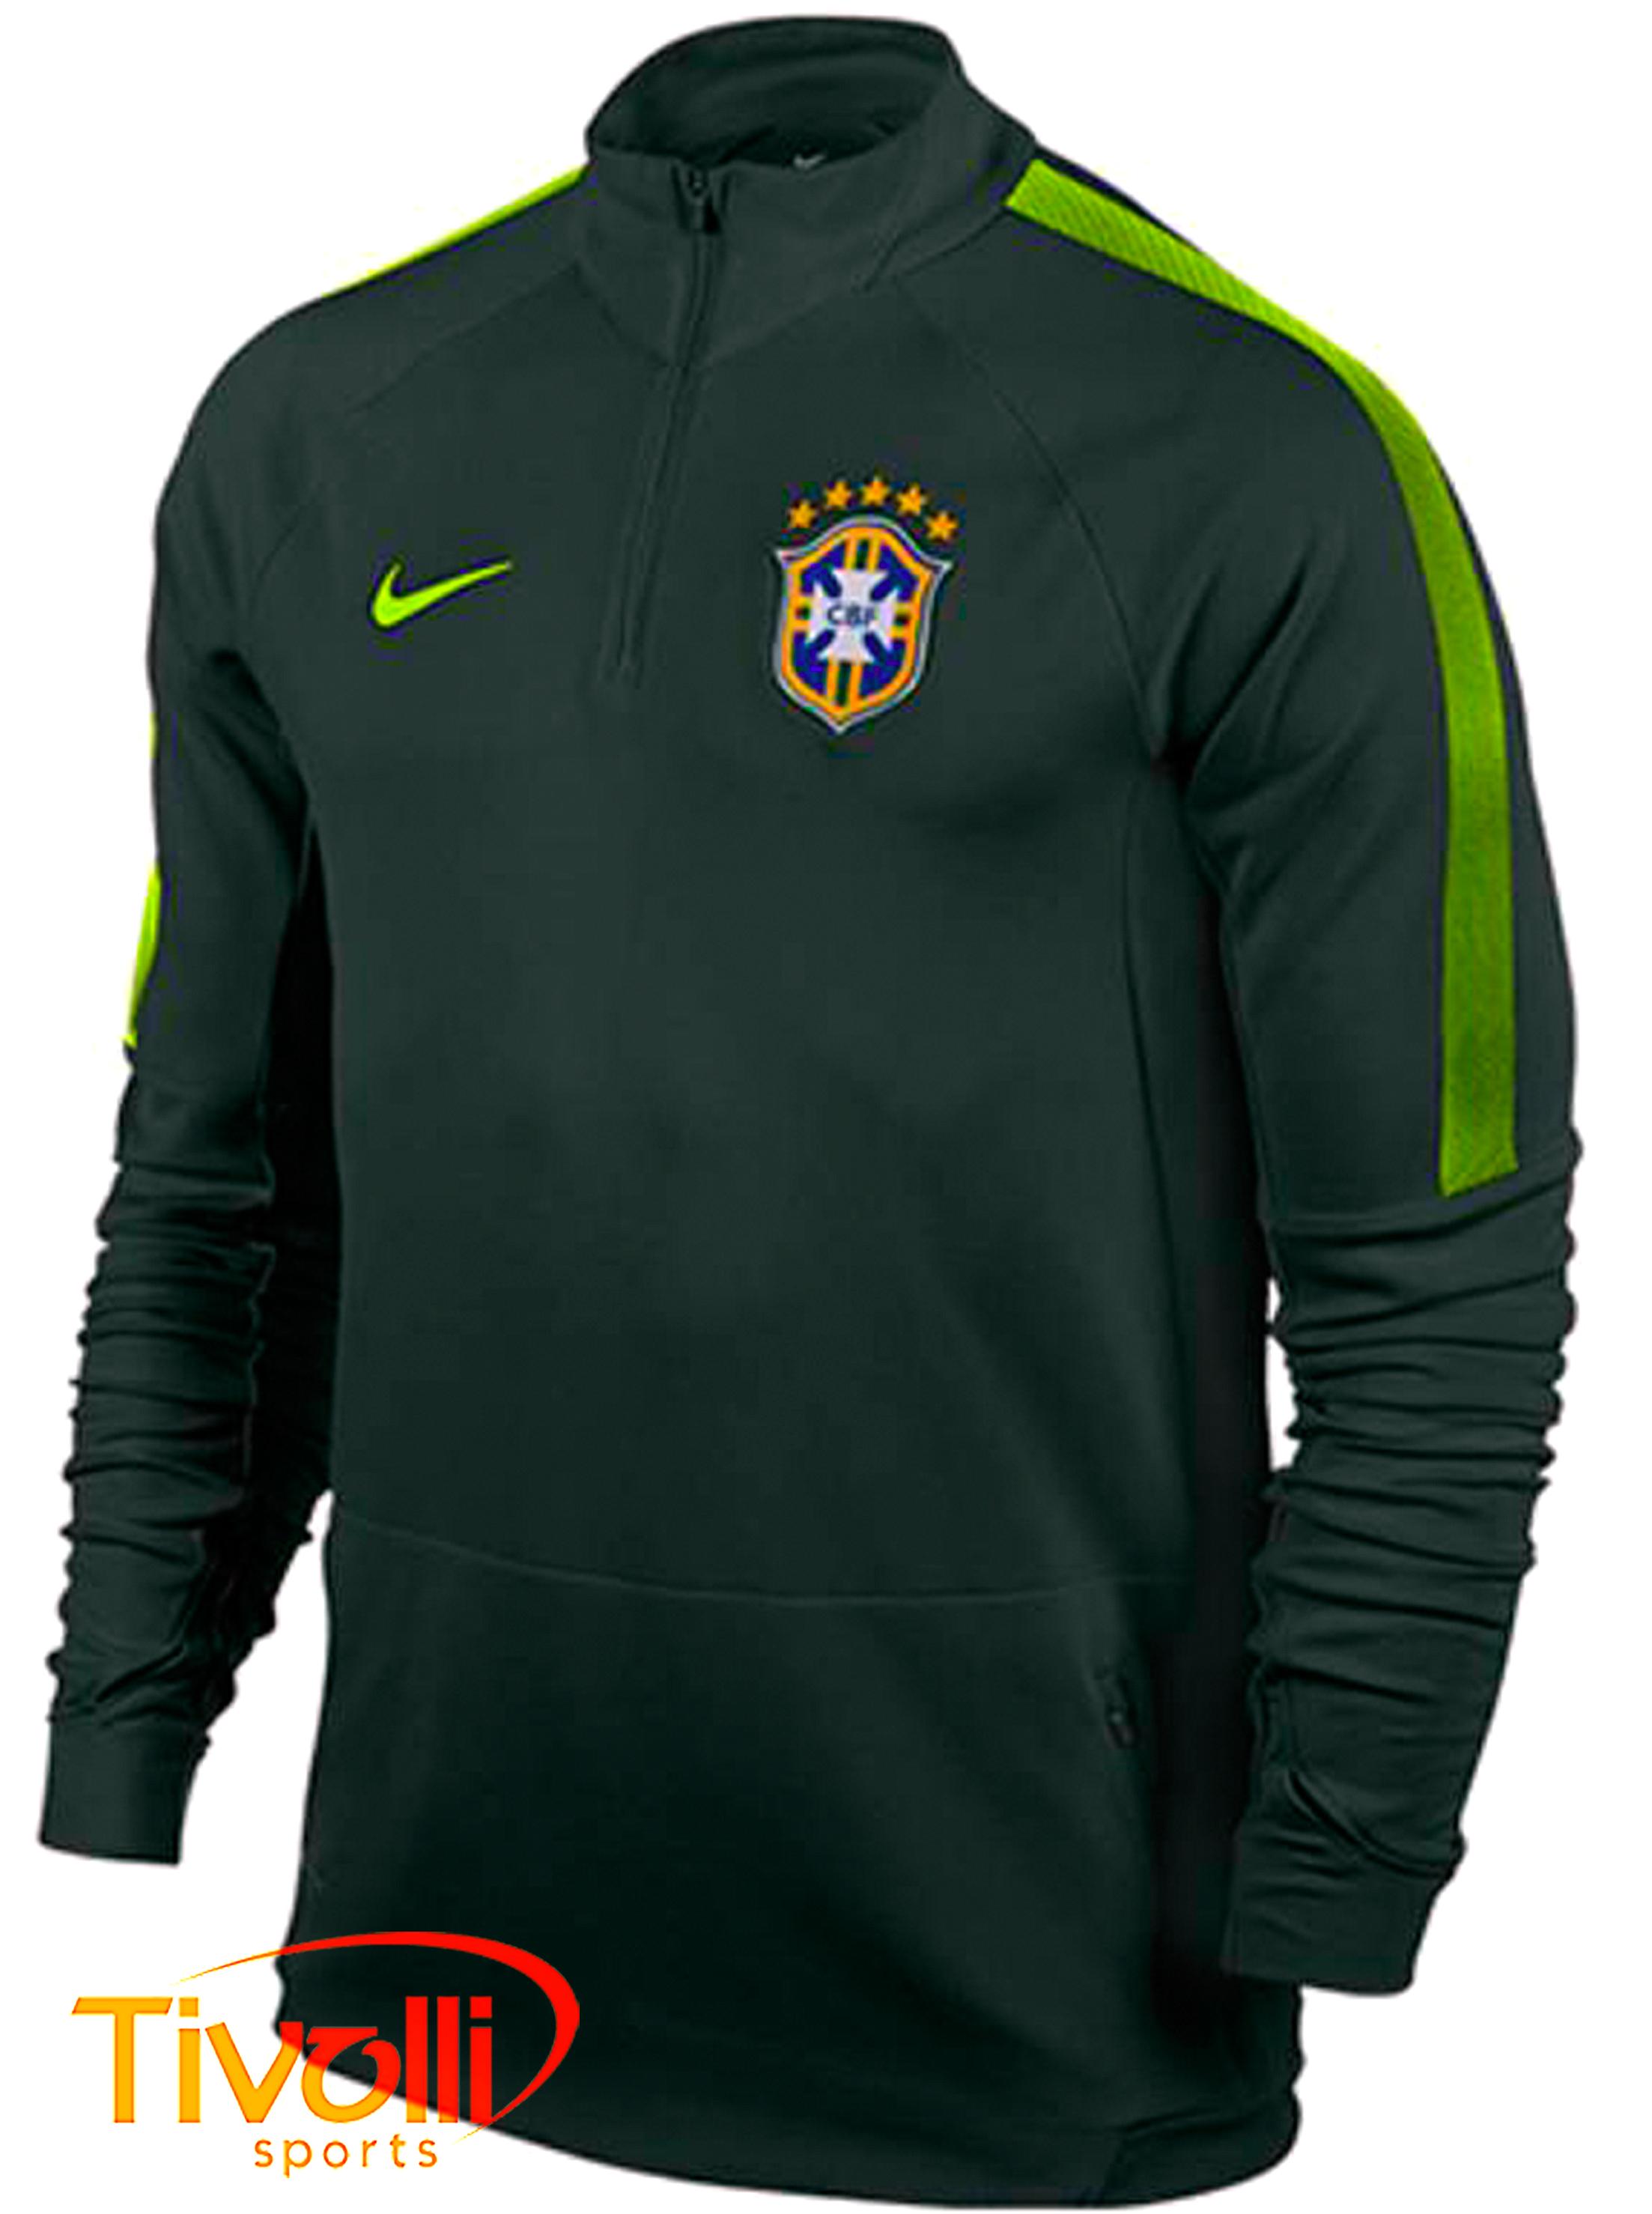 e41afa7506d15 Blusa Nike CBF   Seleção Brasileira treino verde musgo